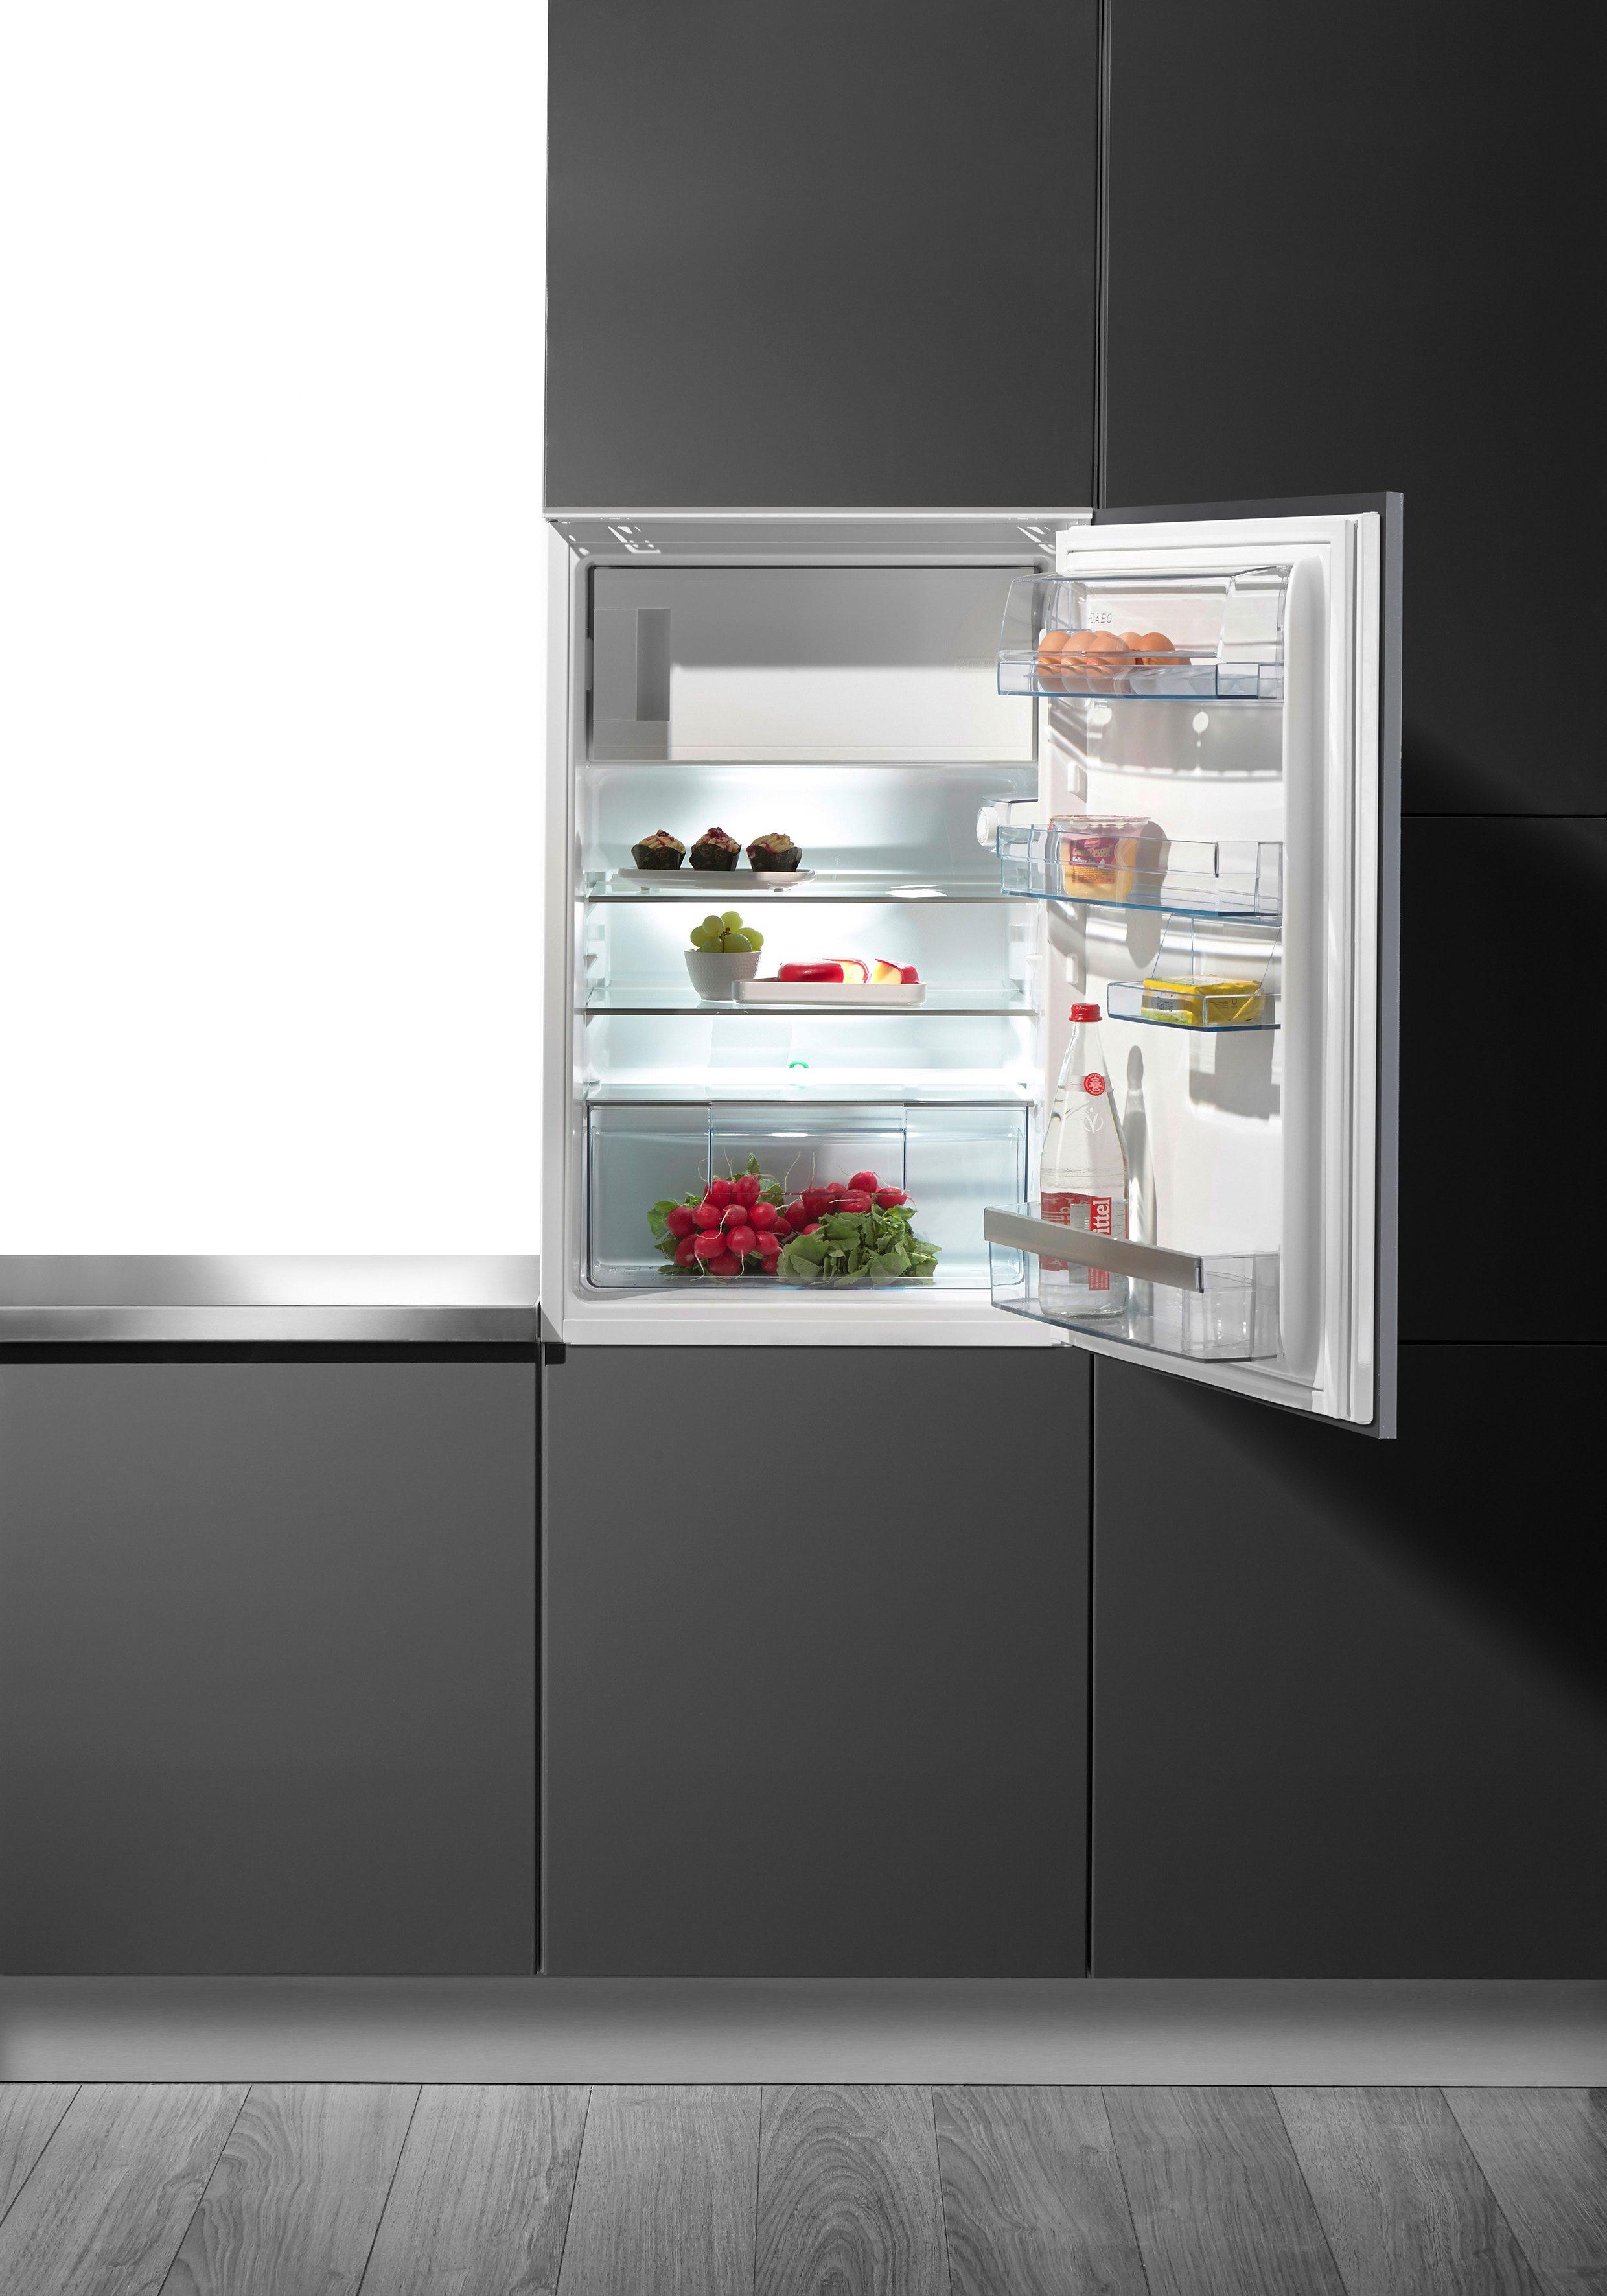 AEG integrierbarer Einbaukühlschrank SANTO SKS68840S2, A++, 87,3 cm hoch